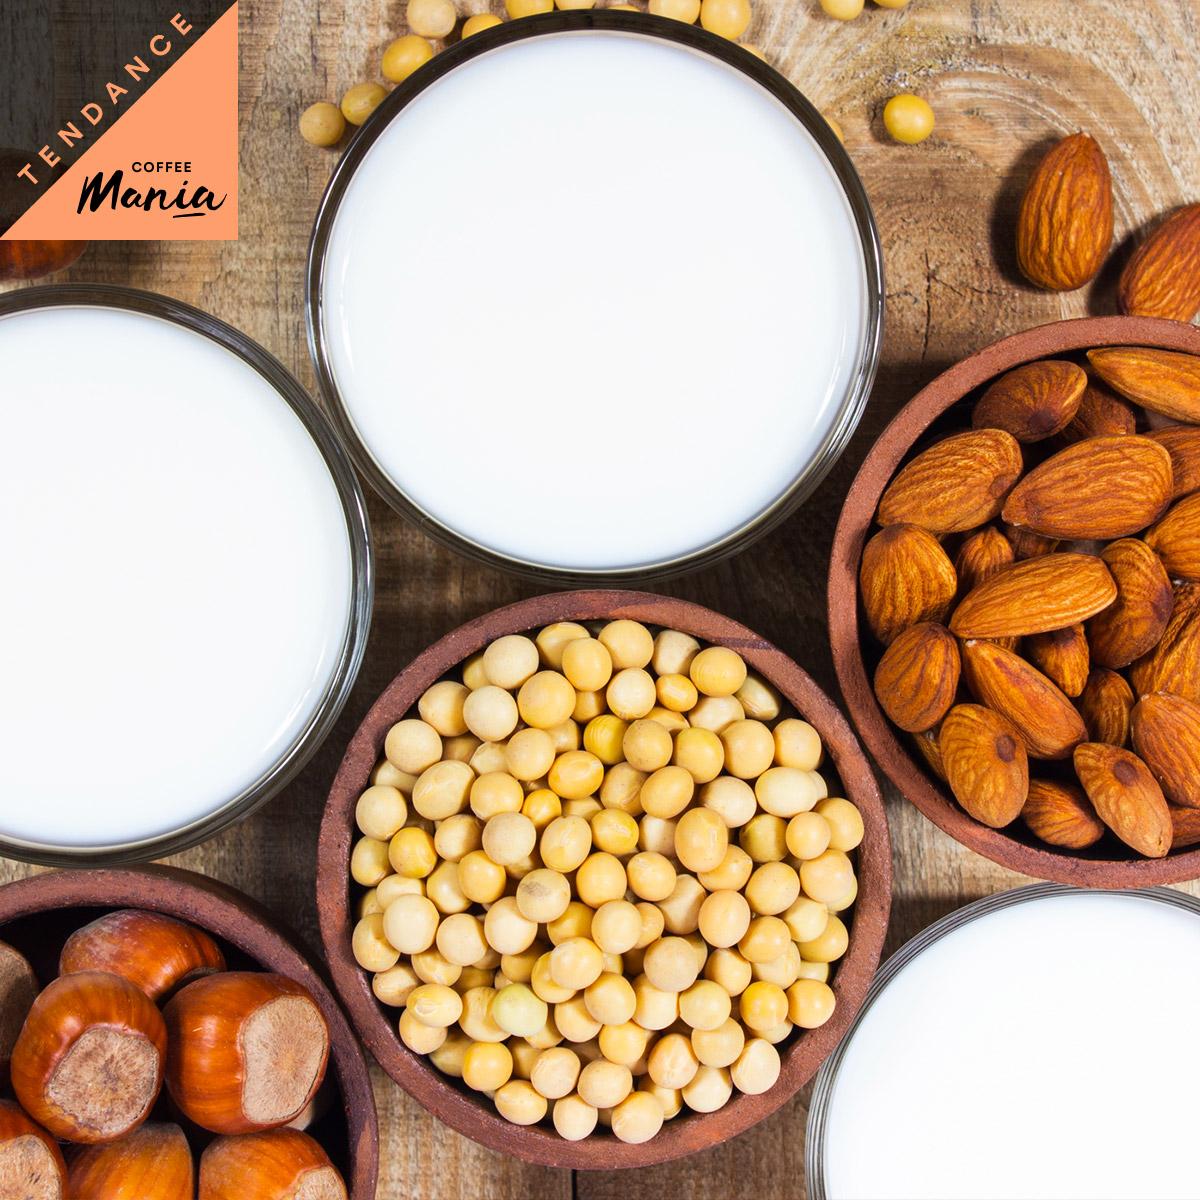 40d98b2a98d4803fe493e24ee47cfd26088b5bf4 - Quels sont les différents laits végétaux ?